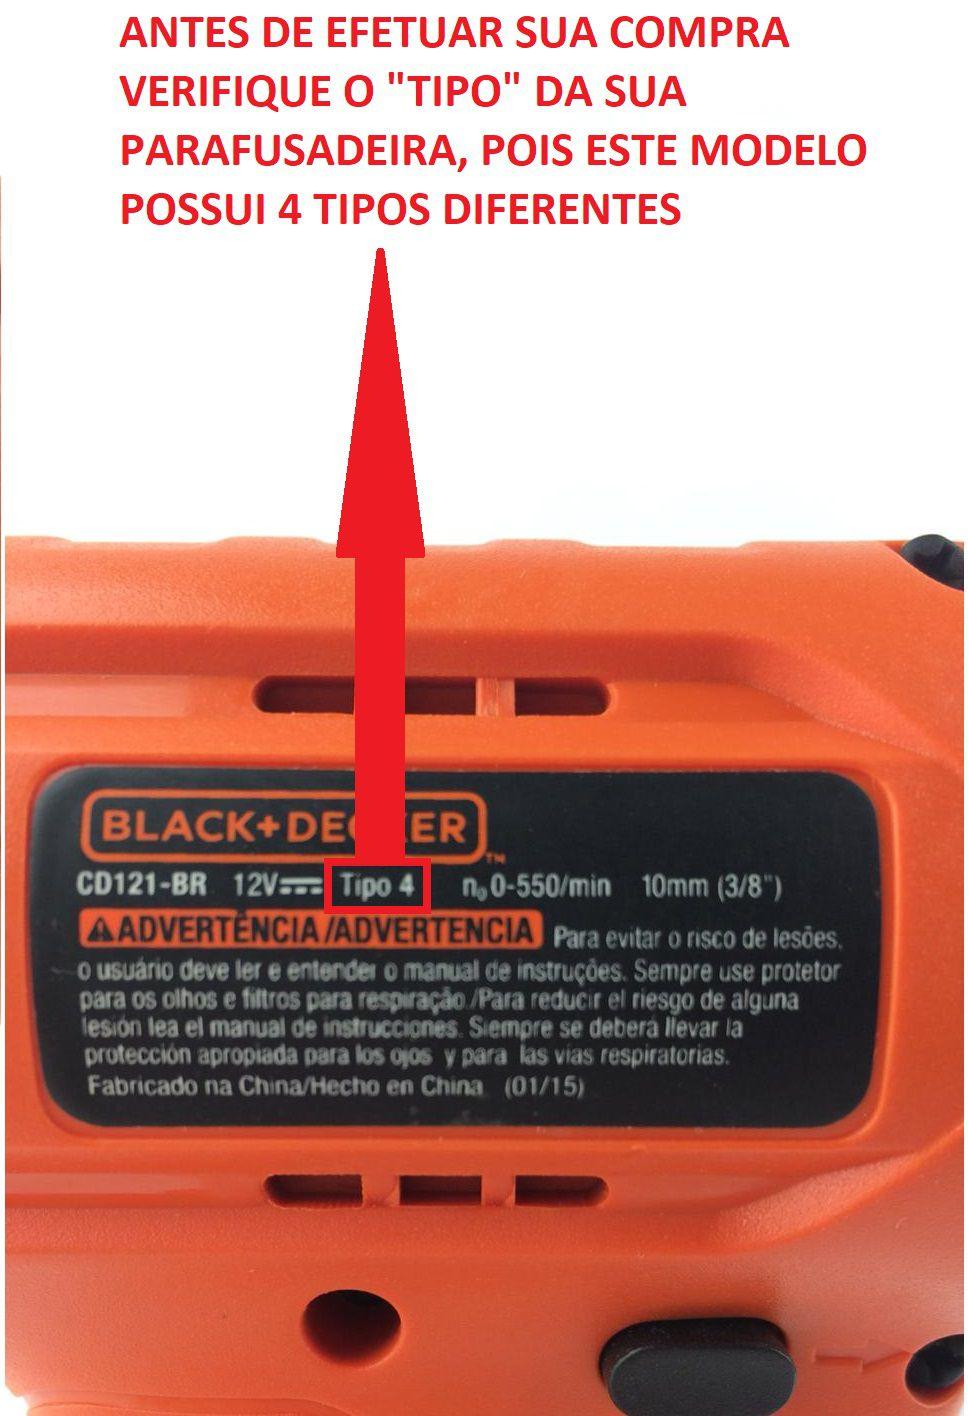 Bateria Original P/Parafusadeira Cd121 12v Black+Decker 5140112-08